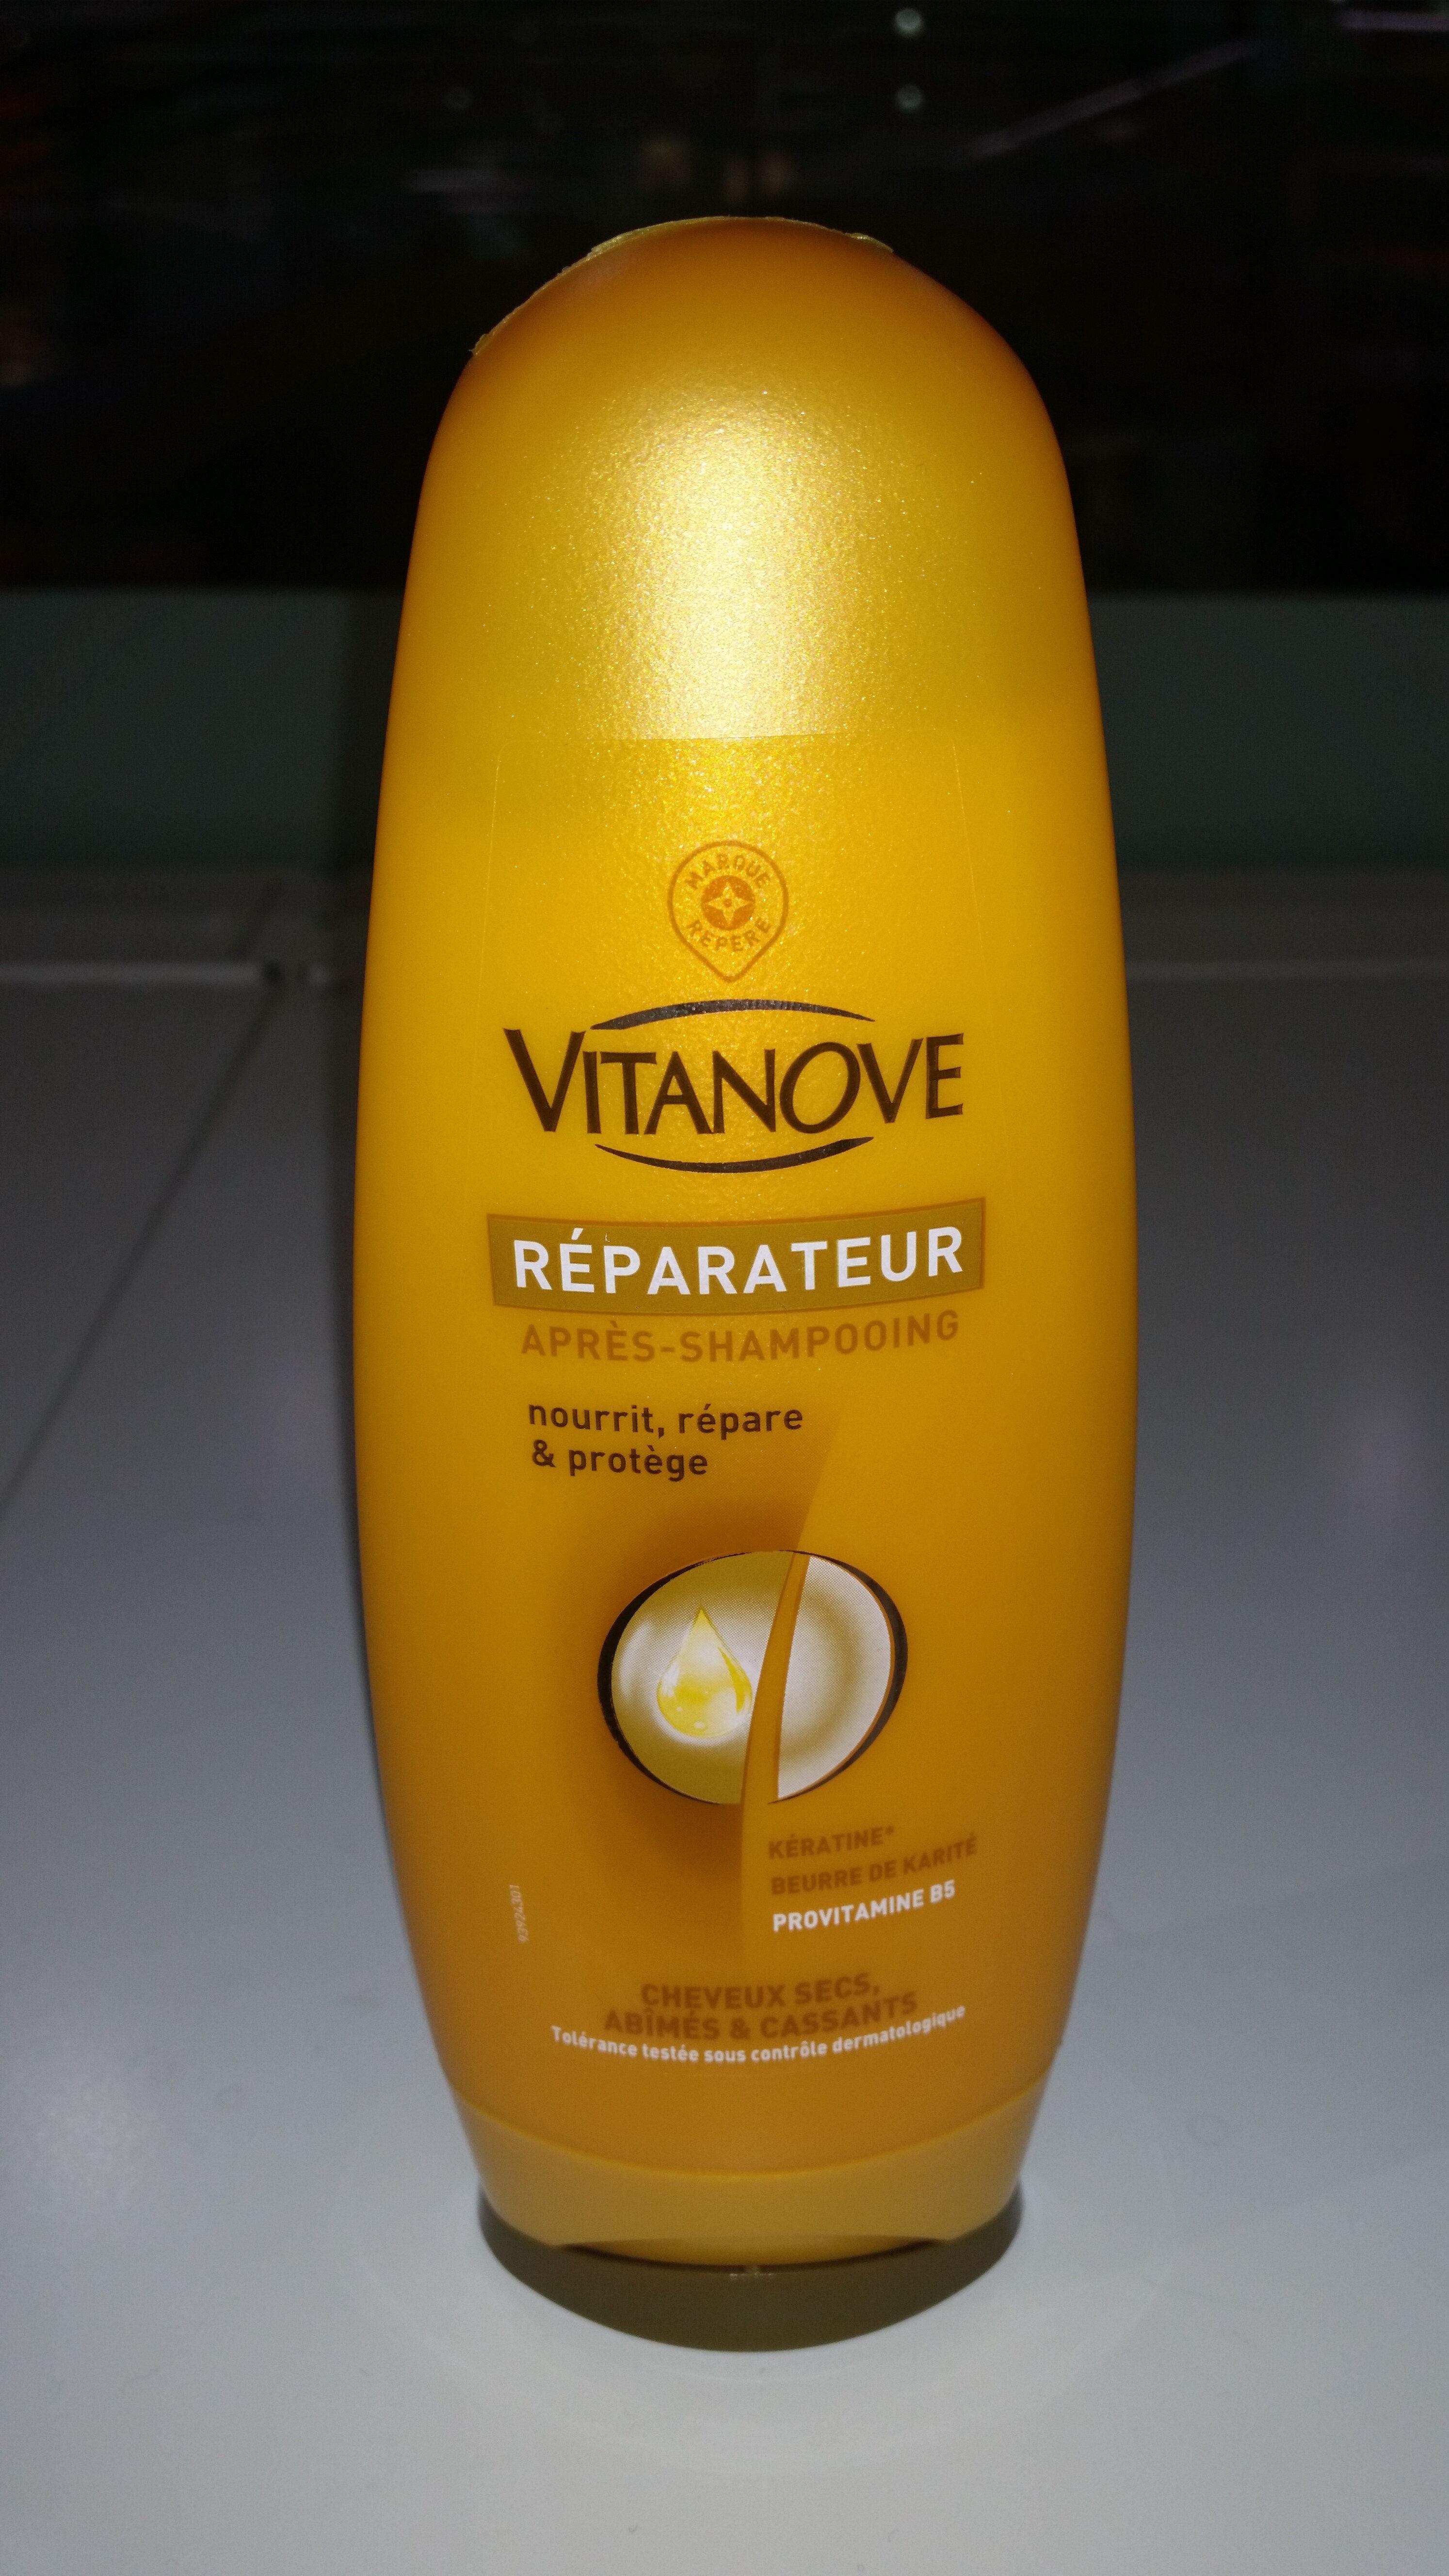 Après-Shampooing Réparateur - Product - fr